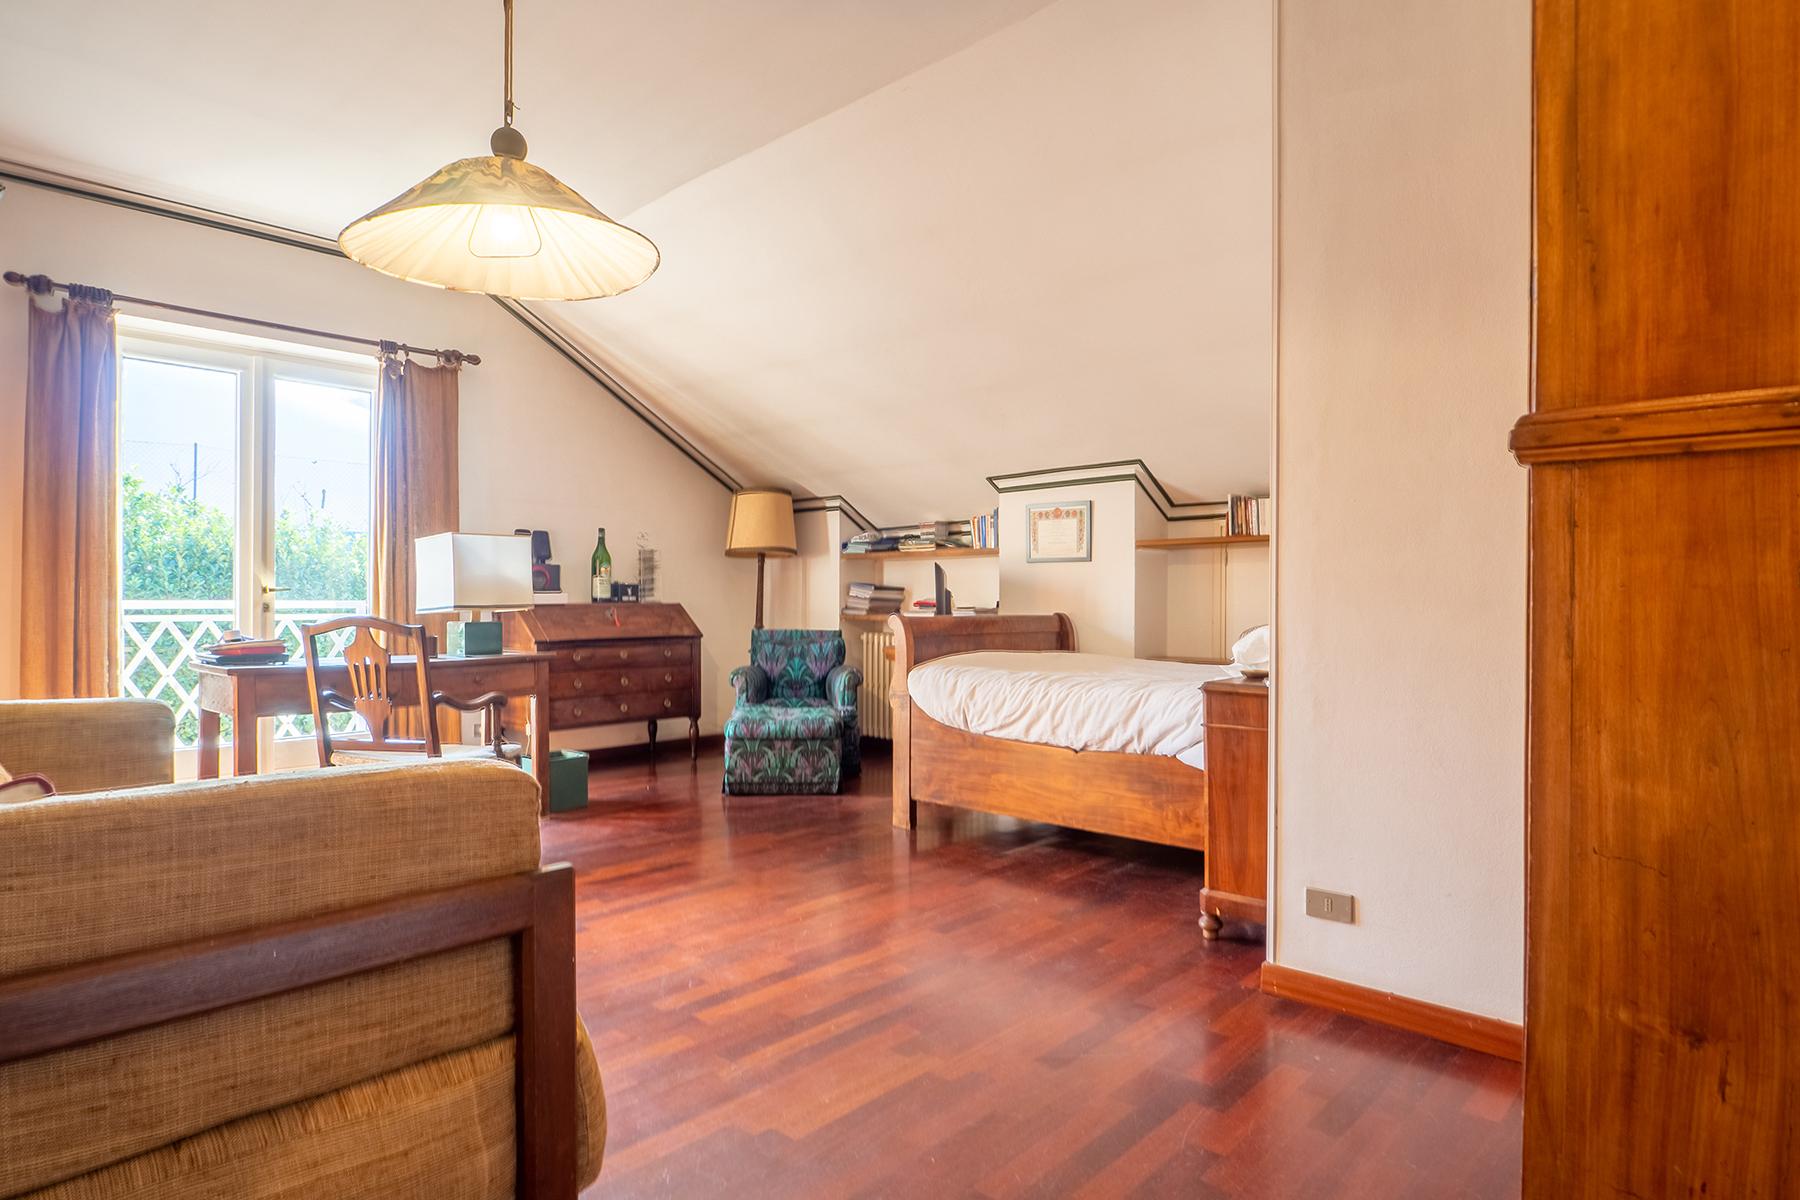 Villa in Vendita a Torino: 5 locali, 500 mq - Foto 21